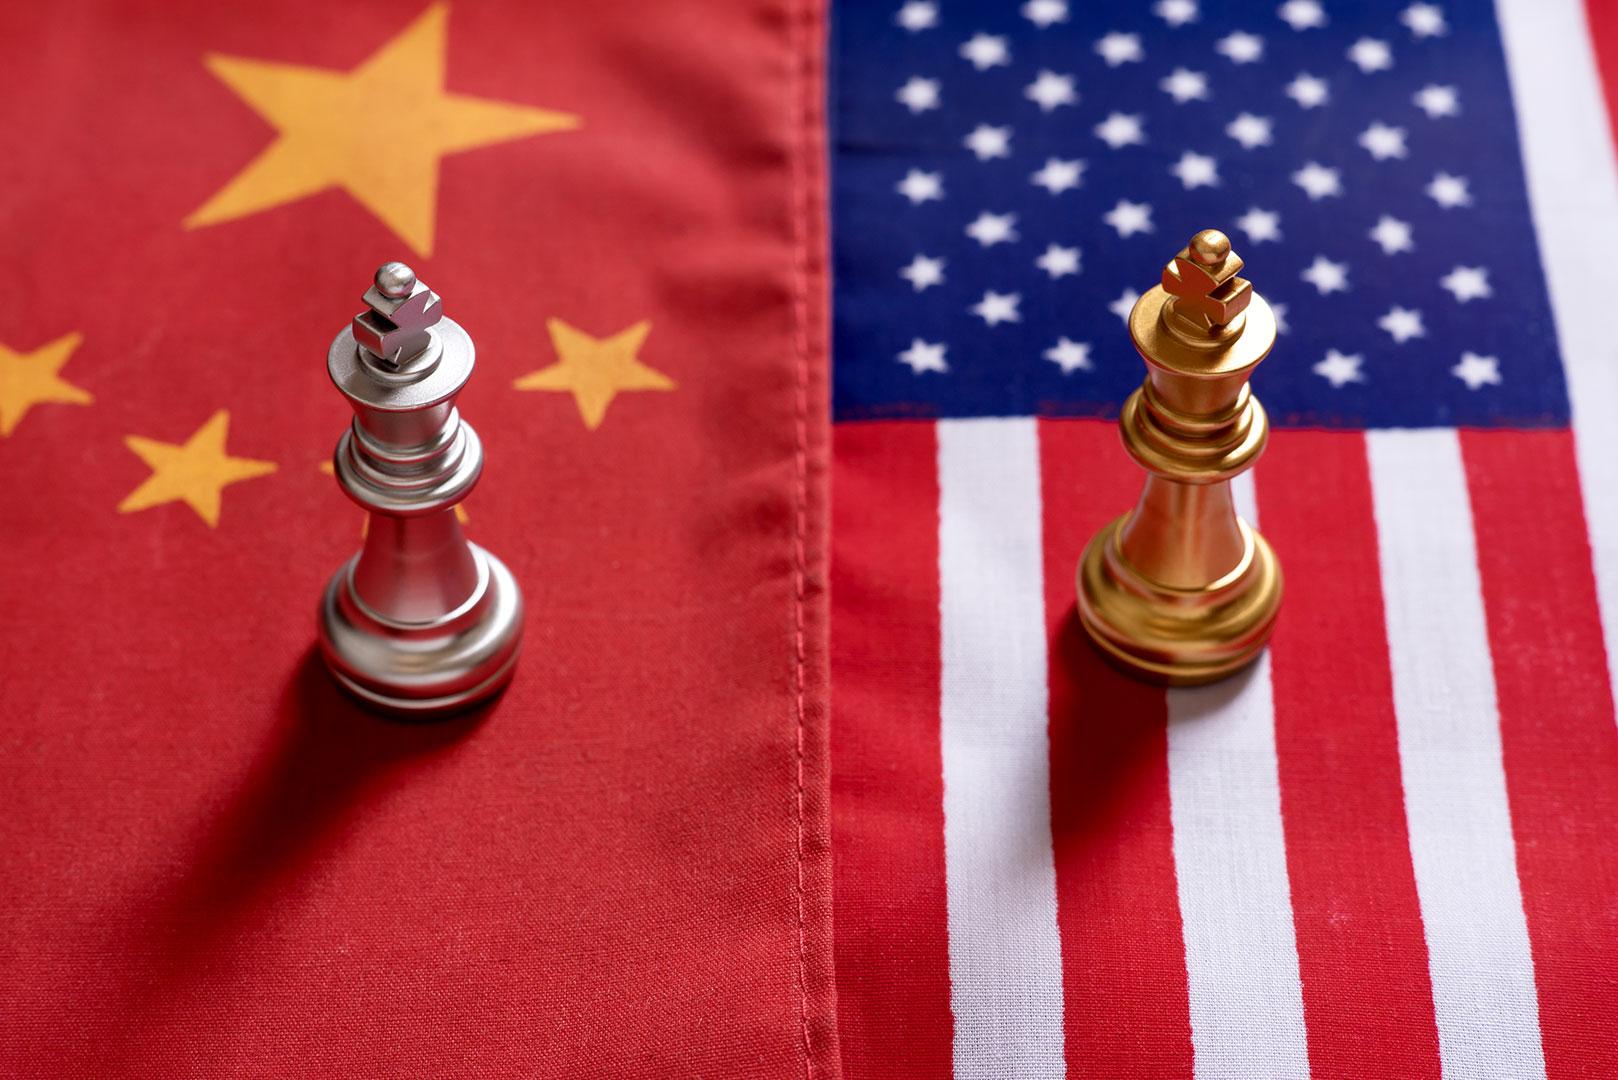 Изображение США и Китай: два сценария развития регулирования криптовалют